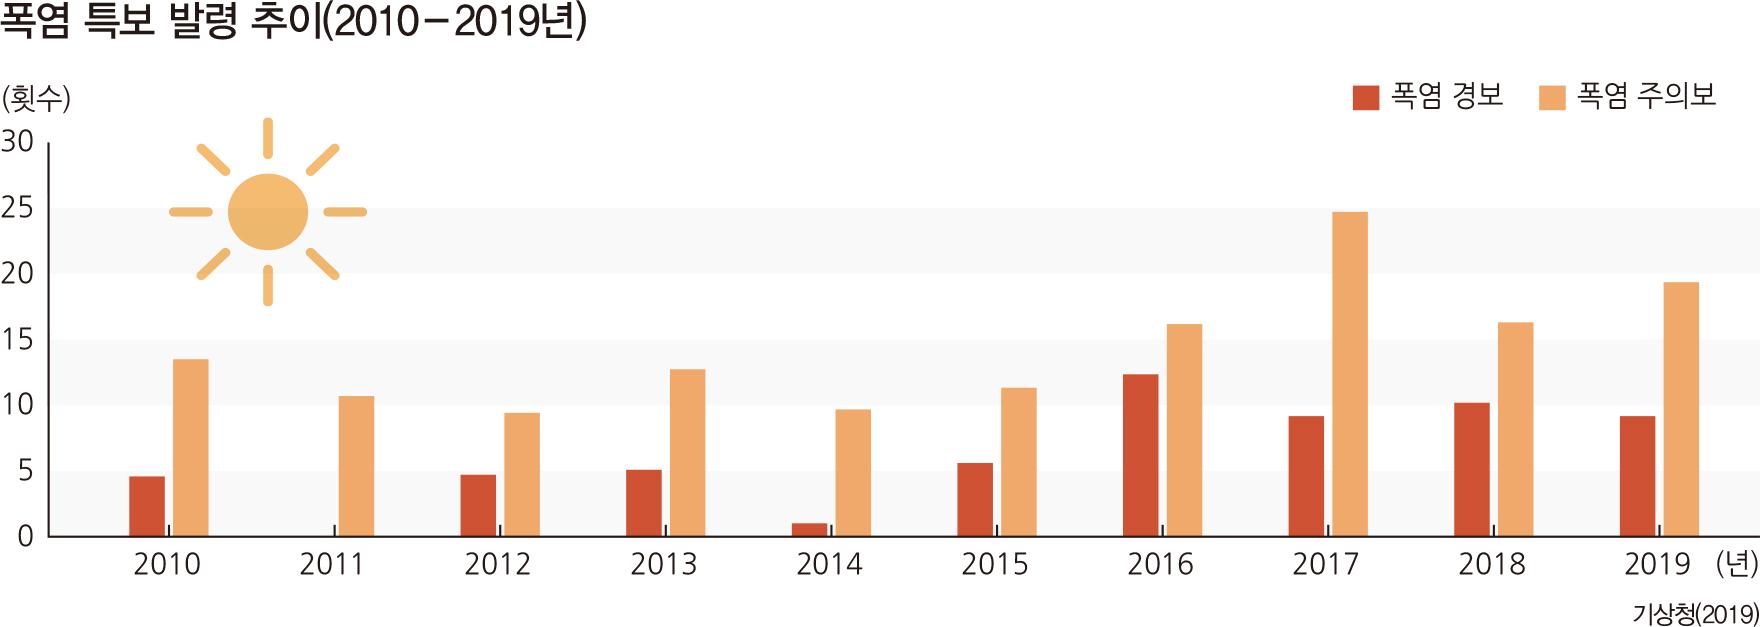 폭염 특보 발령 추이(2010 - 2019년)